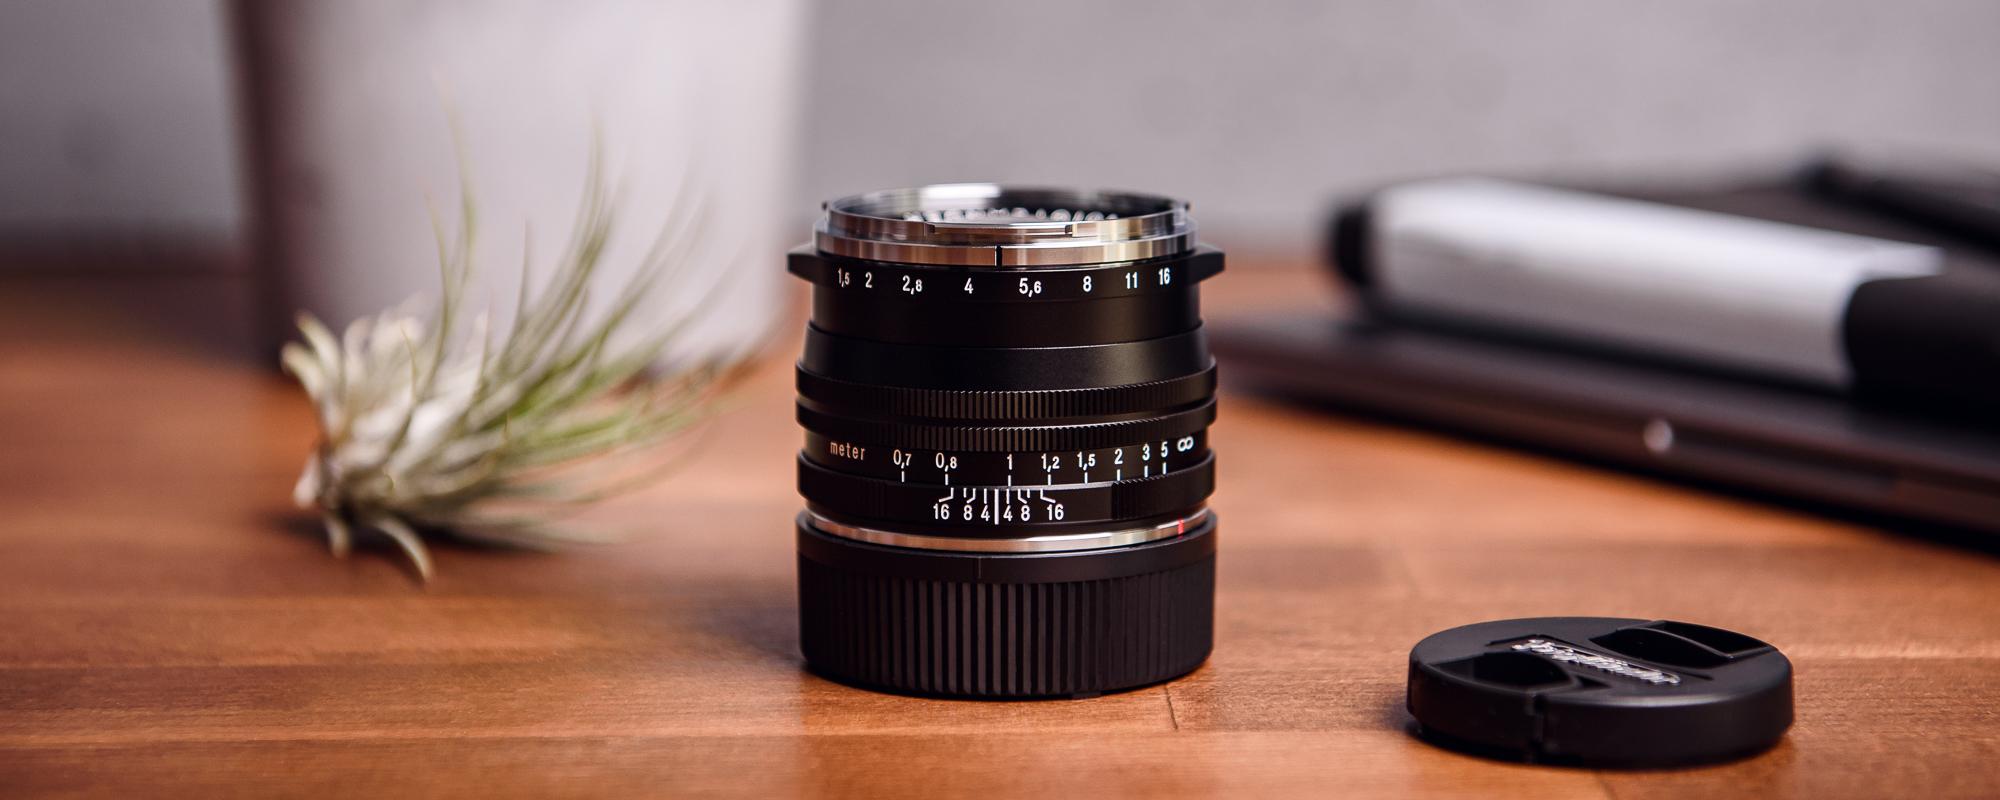 Obiektyw Voigtlander Nokton II 50 mm f/1,5 do Leica M - MC, czarny - na biurku